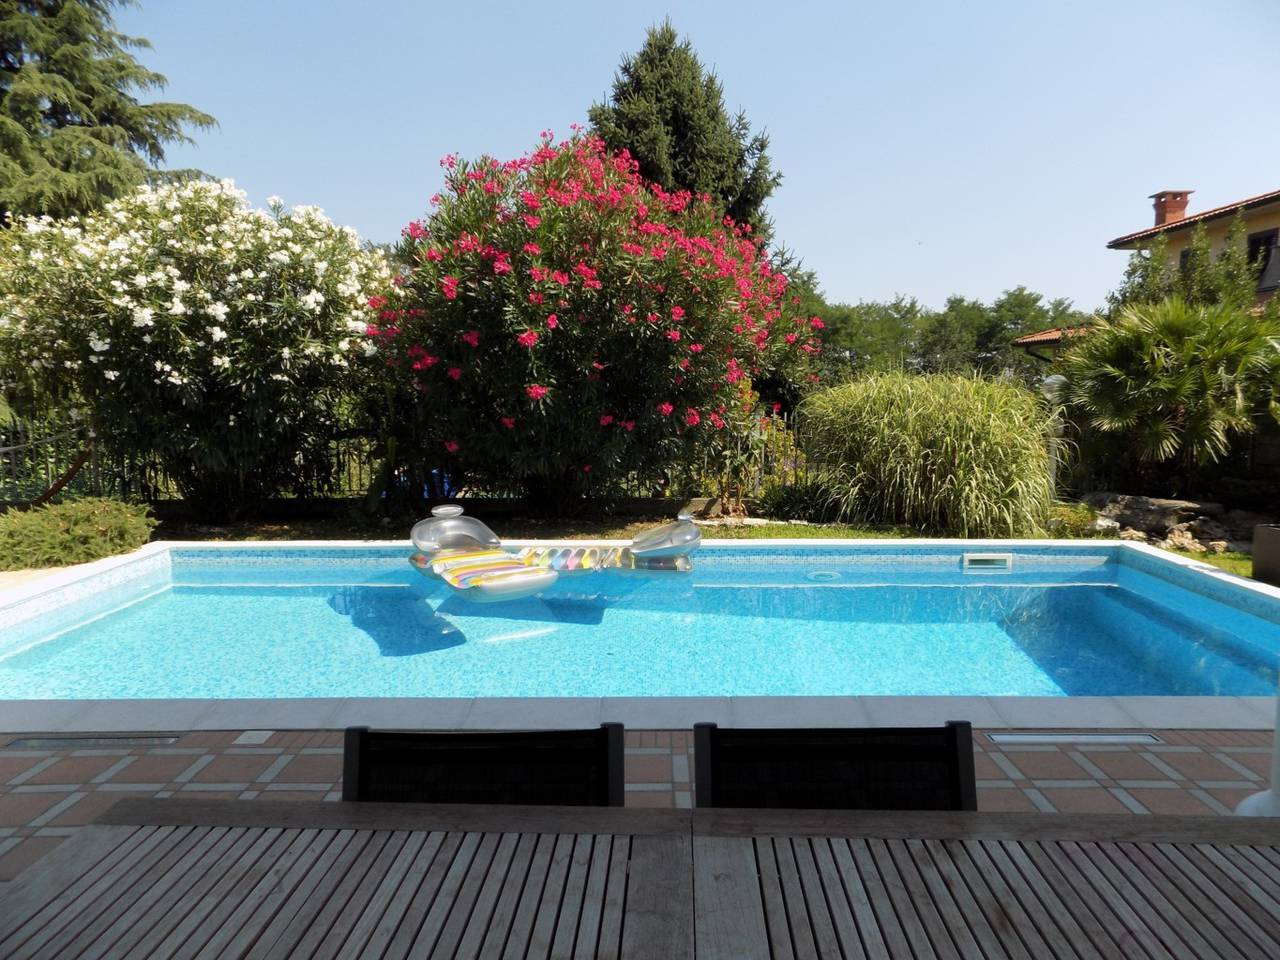 Villa-con-piscina-in-vendita-a-Trezzano-Rosa-15